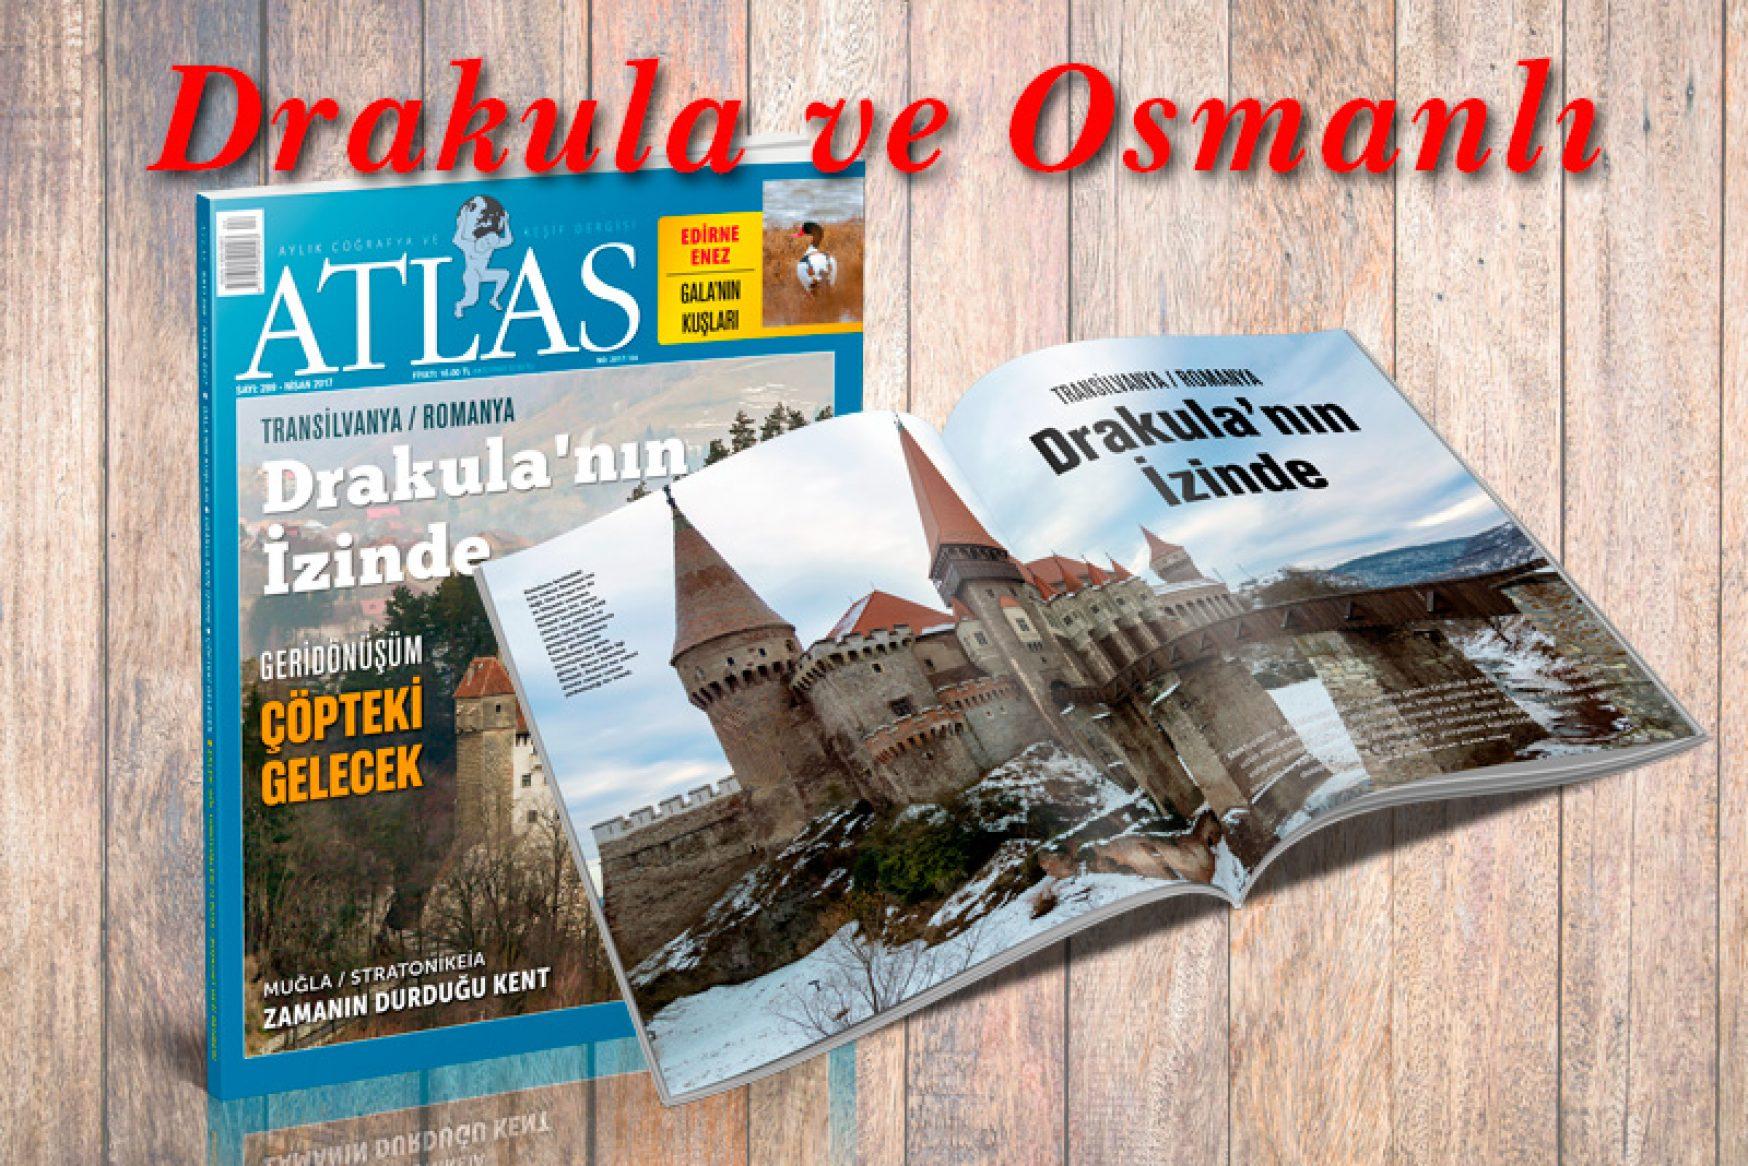 Drakula ve Osmanlı